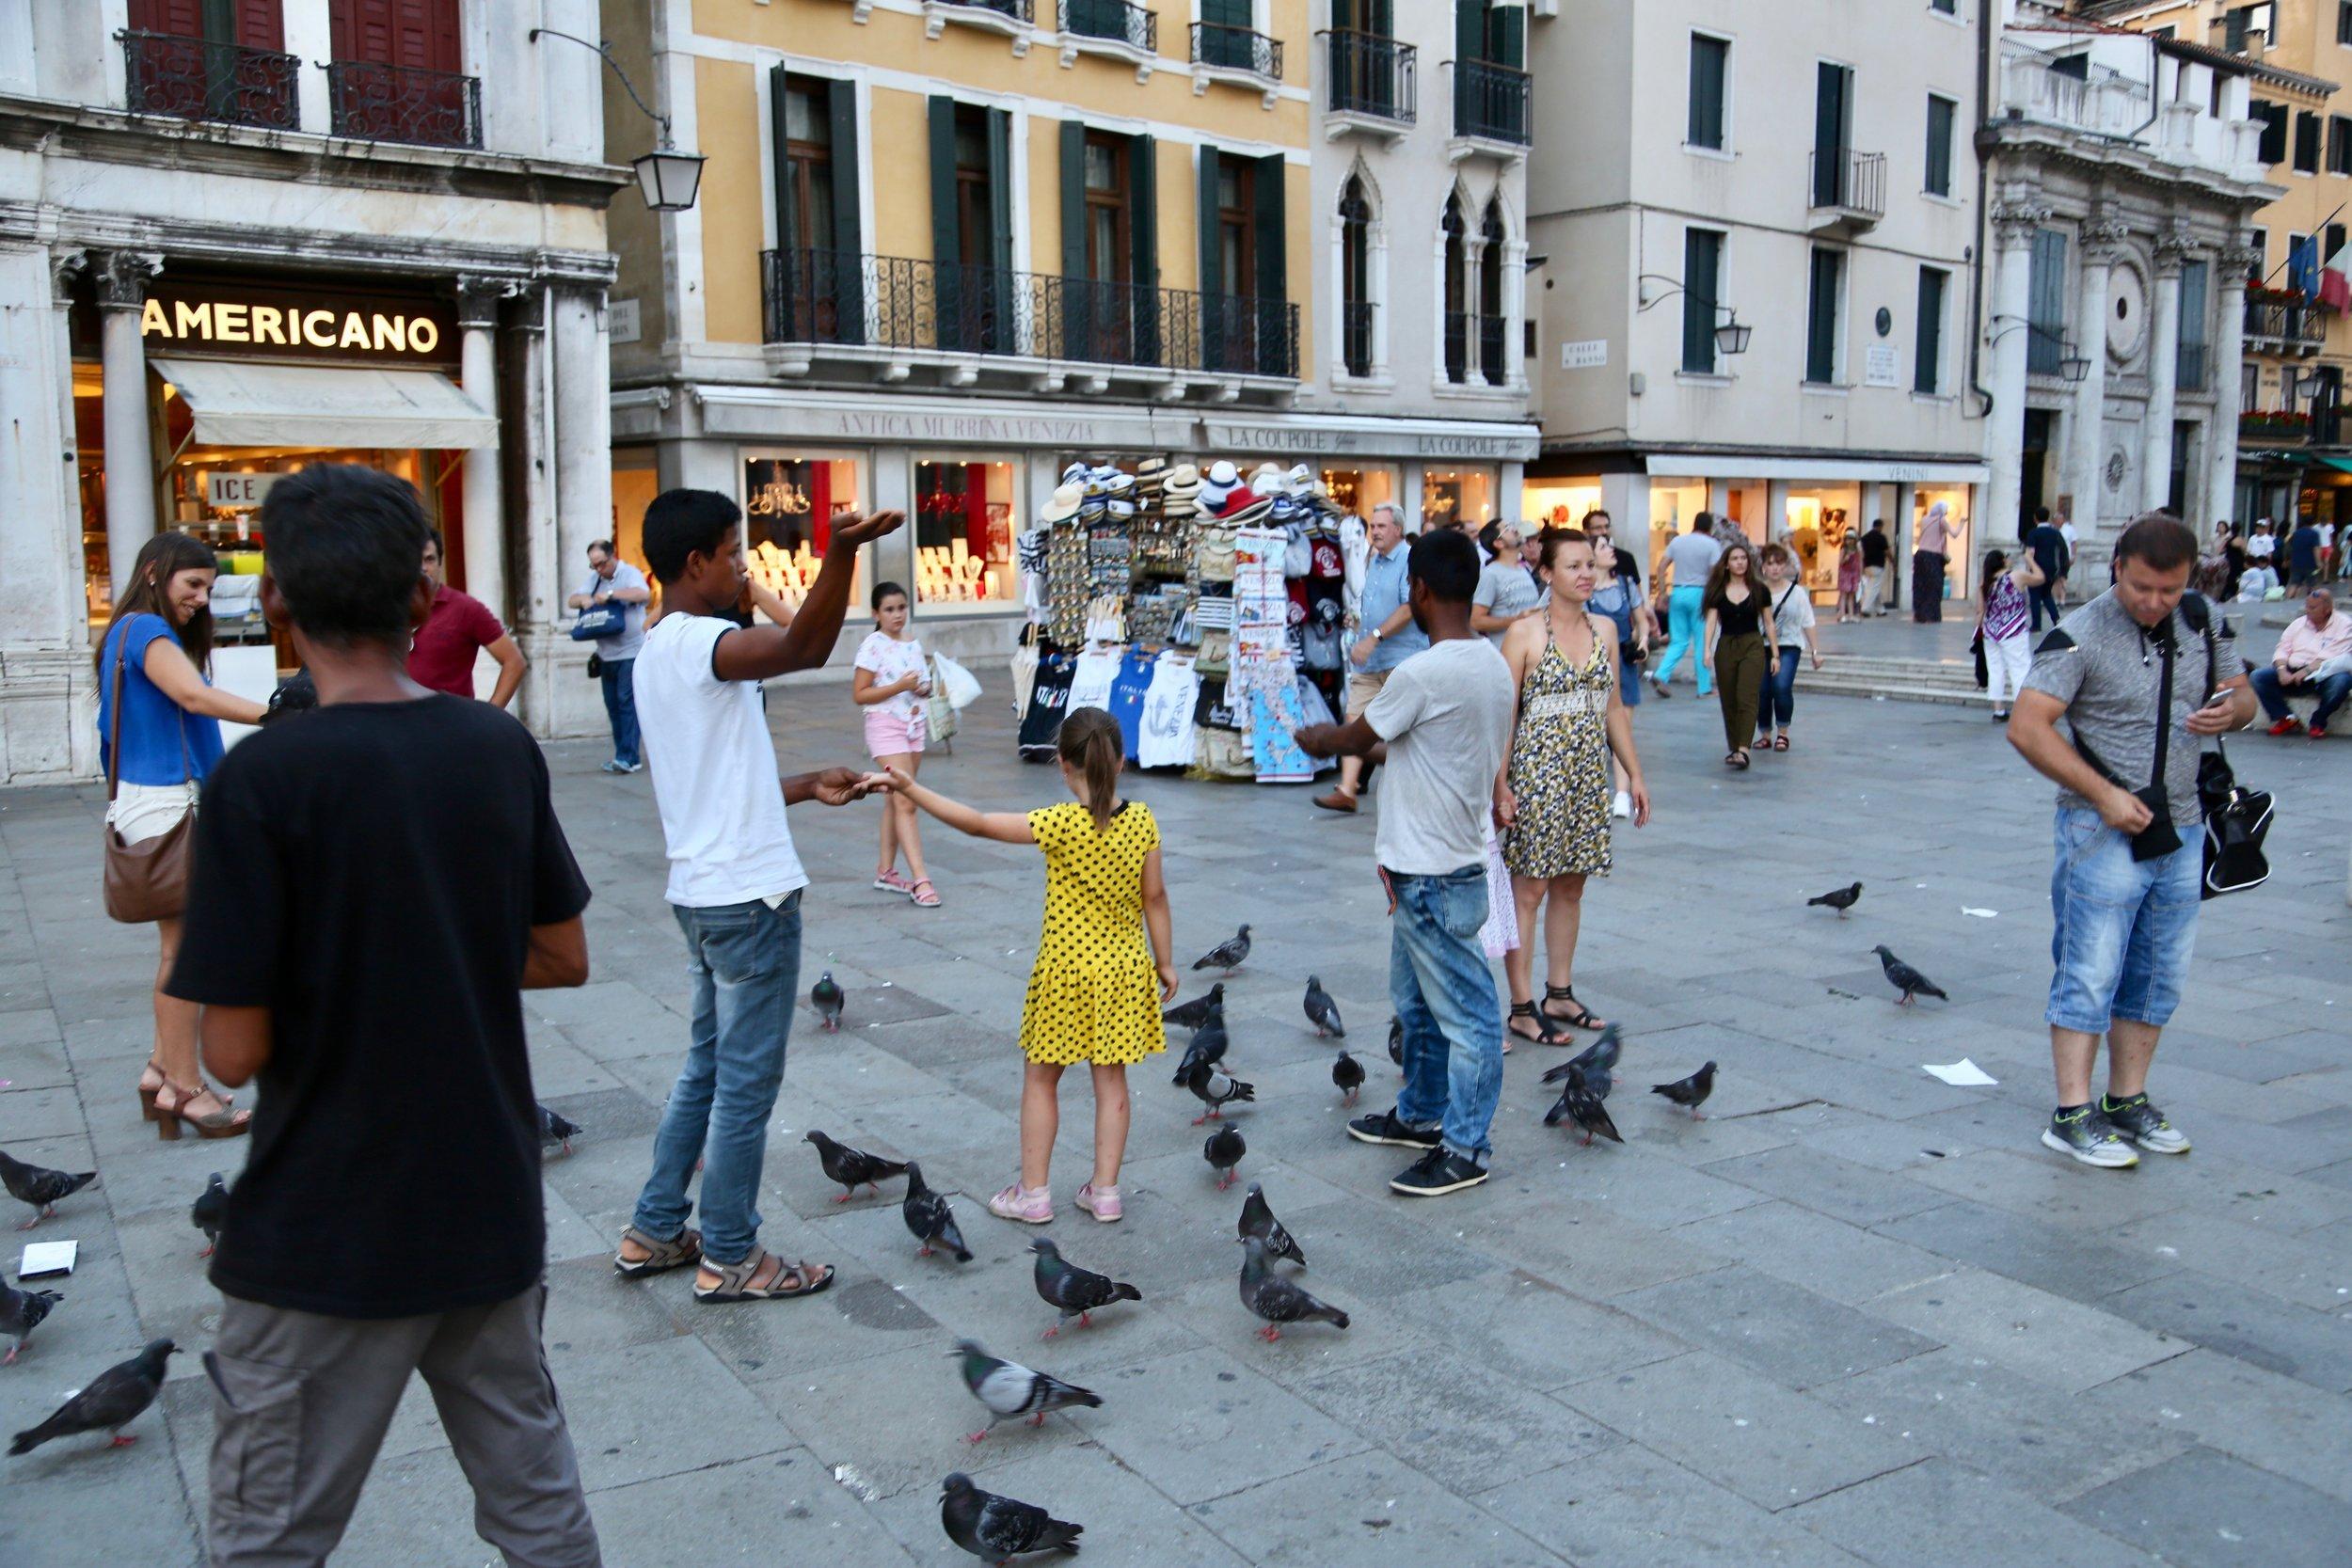 Duenes herre: Når du lures til å mate duene (fuglemating er i seg selv er ulovlig mange steder) så er det også lett å bli lurt av lommetyver. Foto: Odd Roar Lange